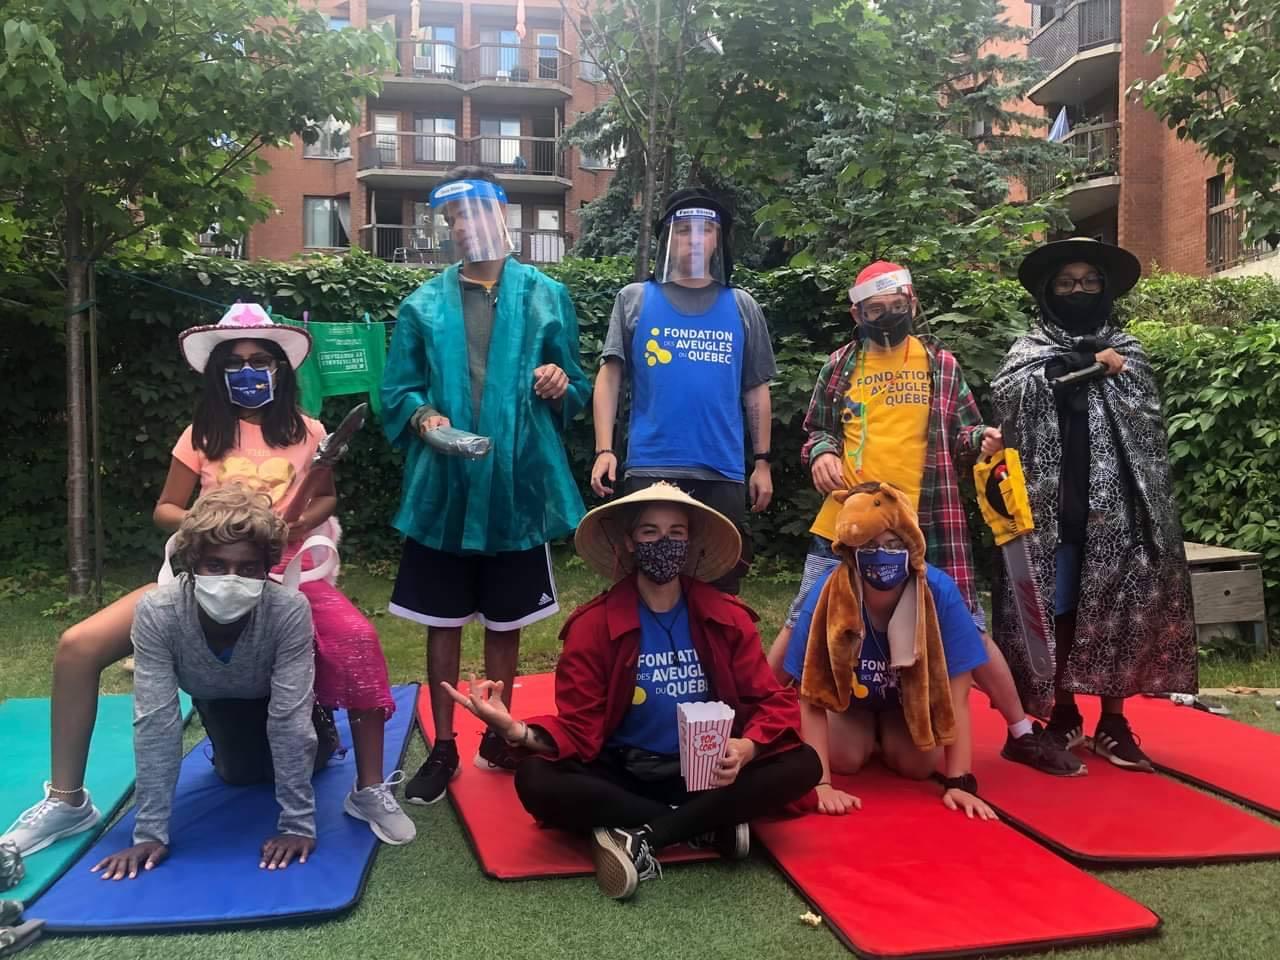 Quatre accompagnateurs et quatre participants posent pour la caméra dans des habits loufoques.